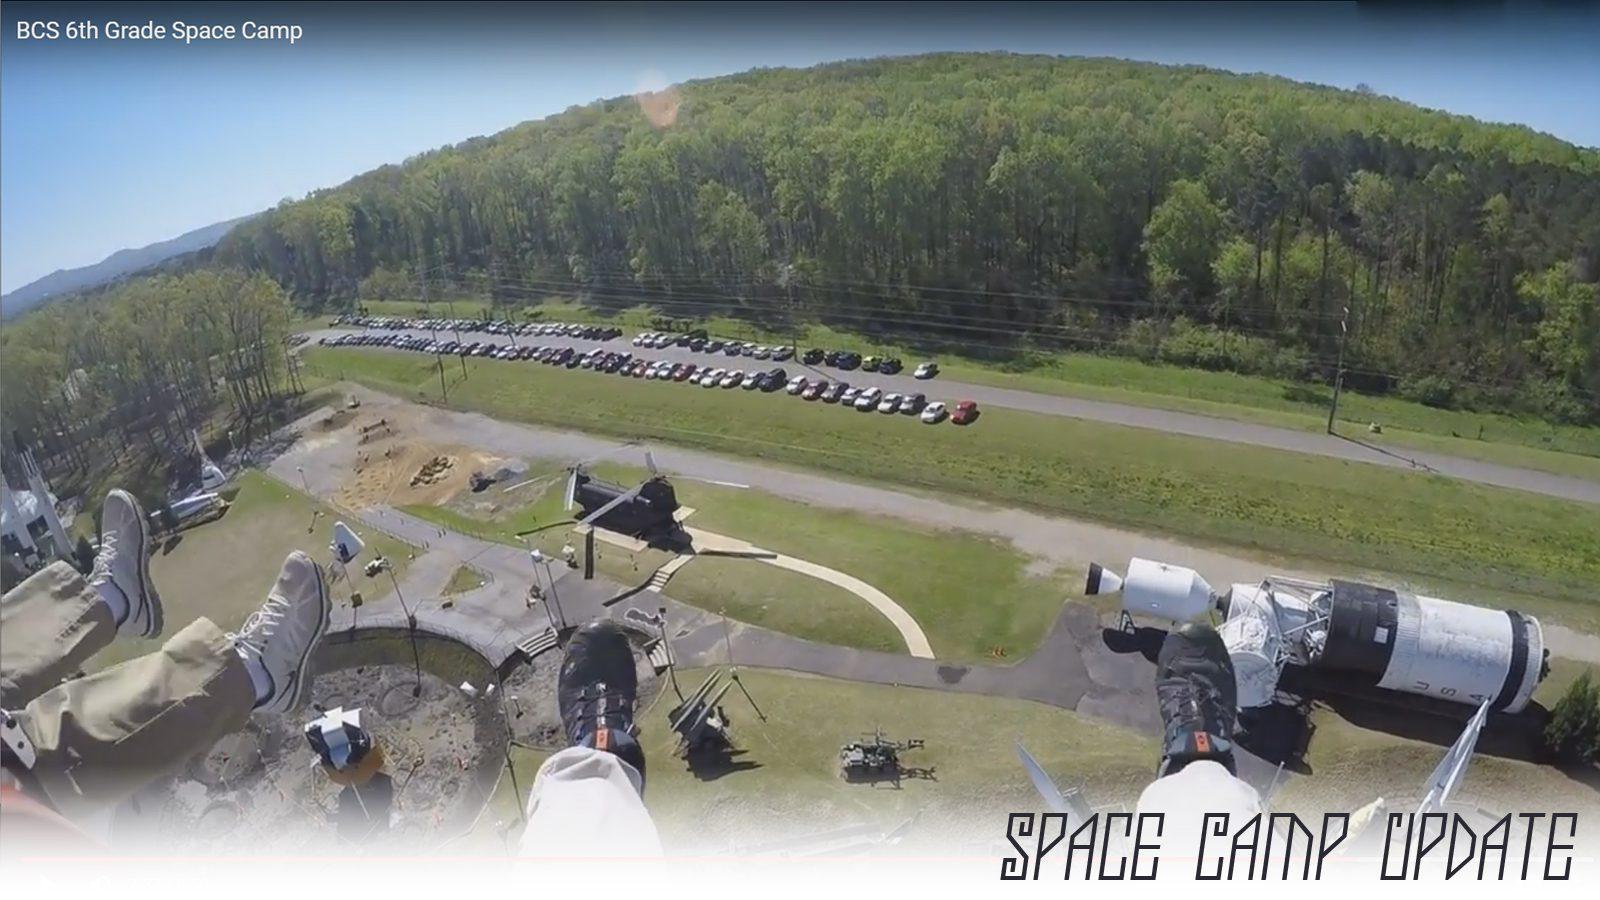 Space Camp Update